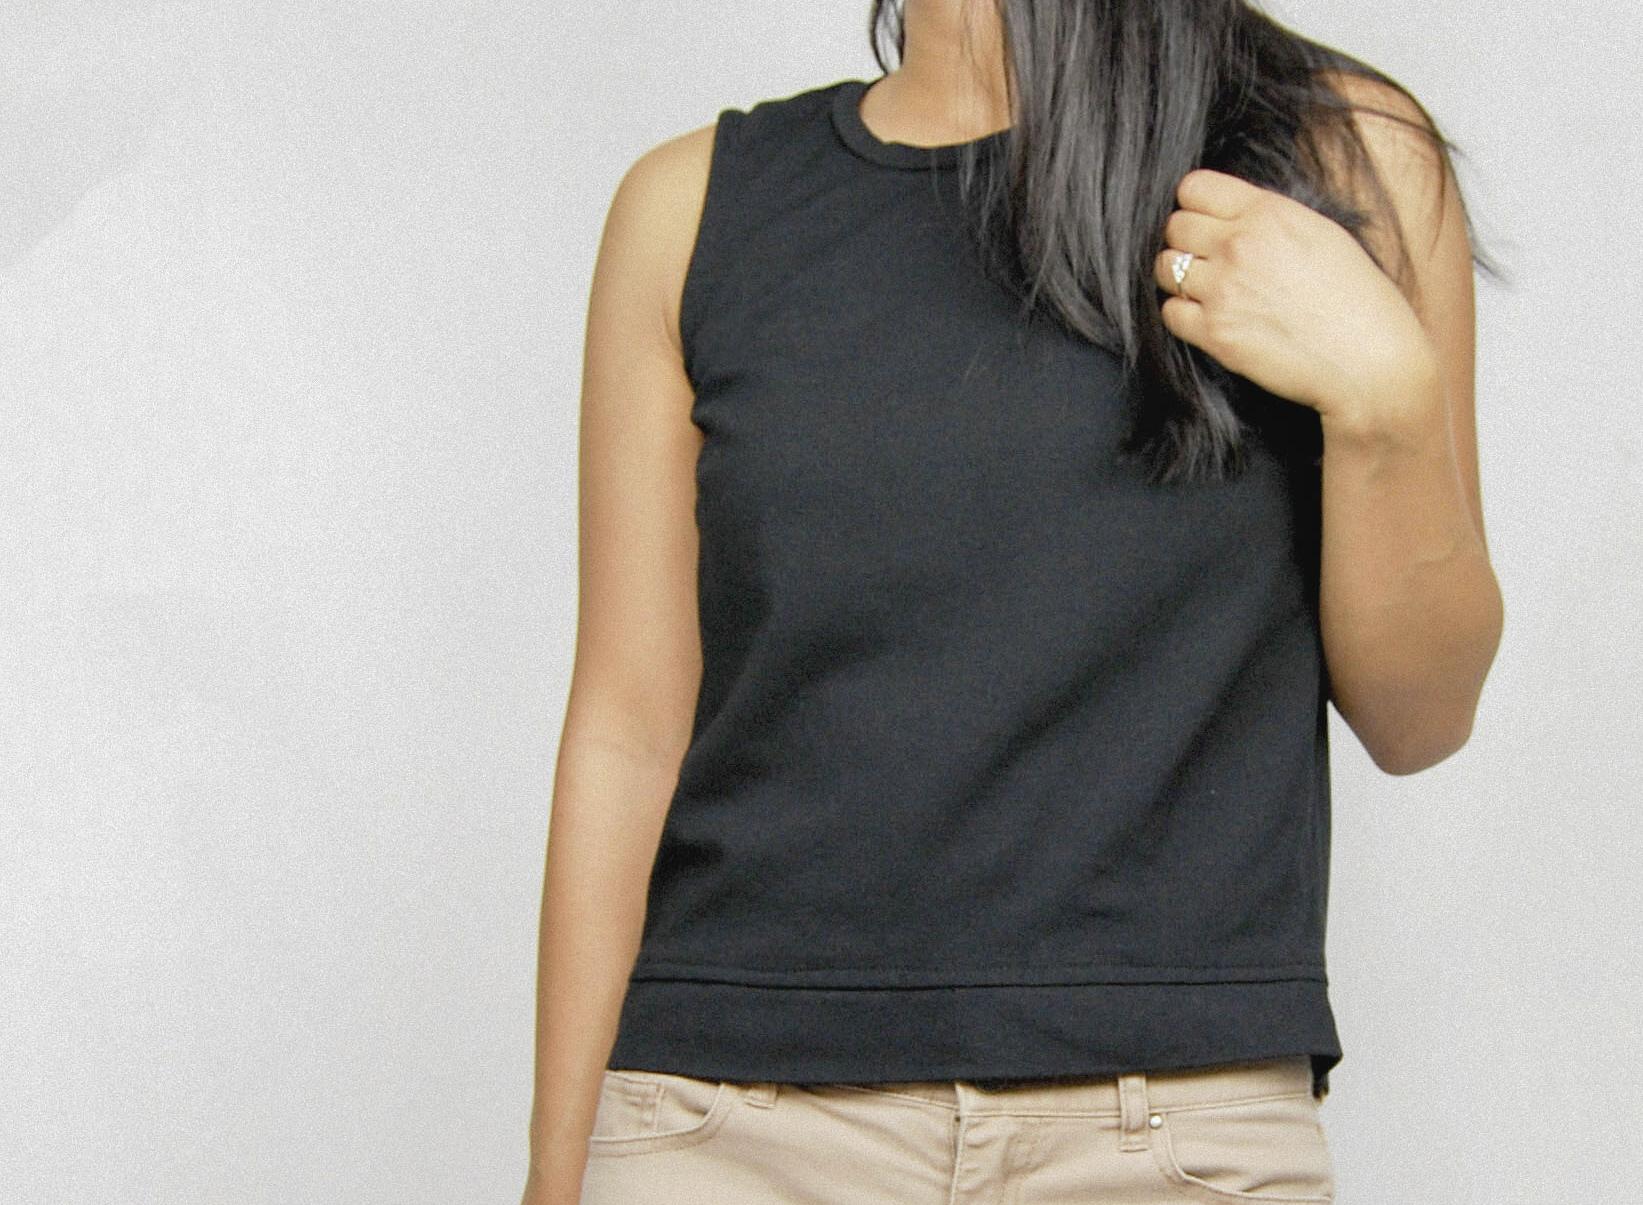 shadalene-design-sewing-fashion-12b.jpg